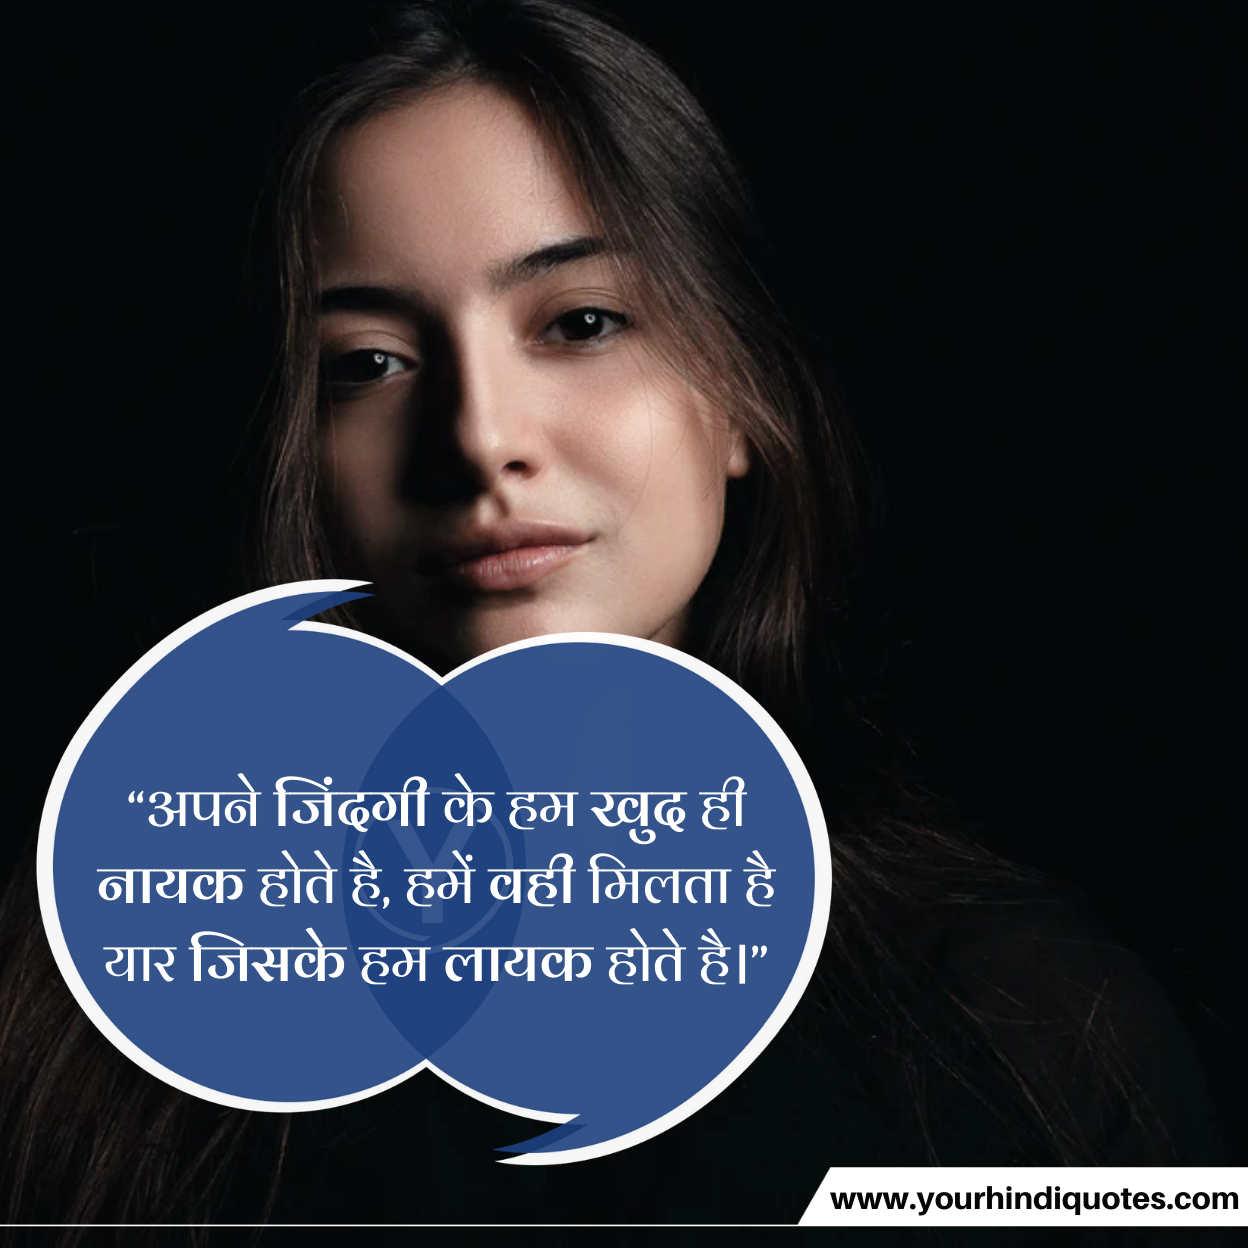 Motivational Thoughts Hindi Photos